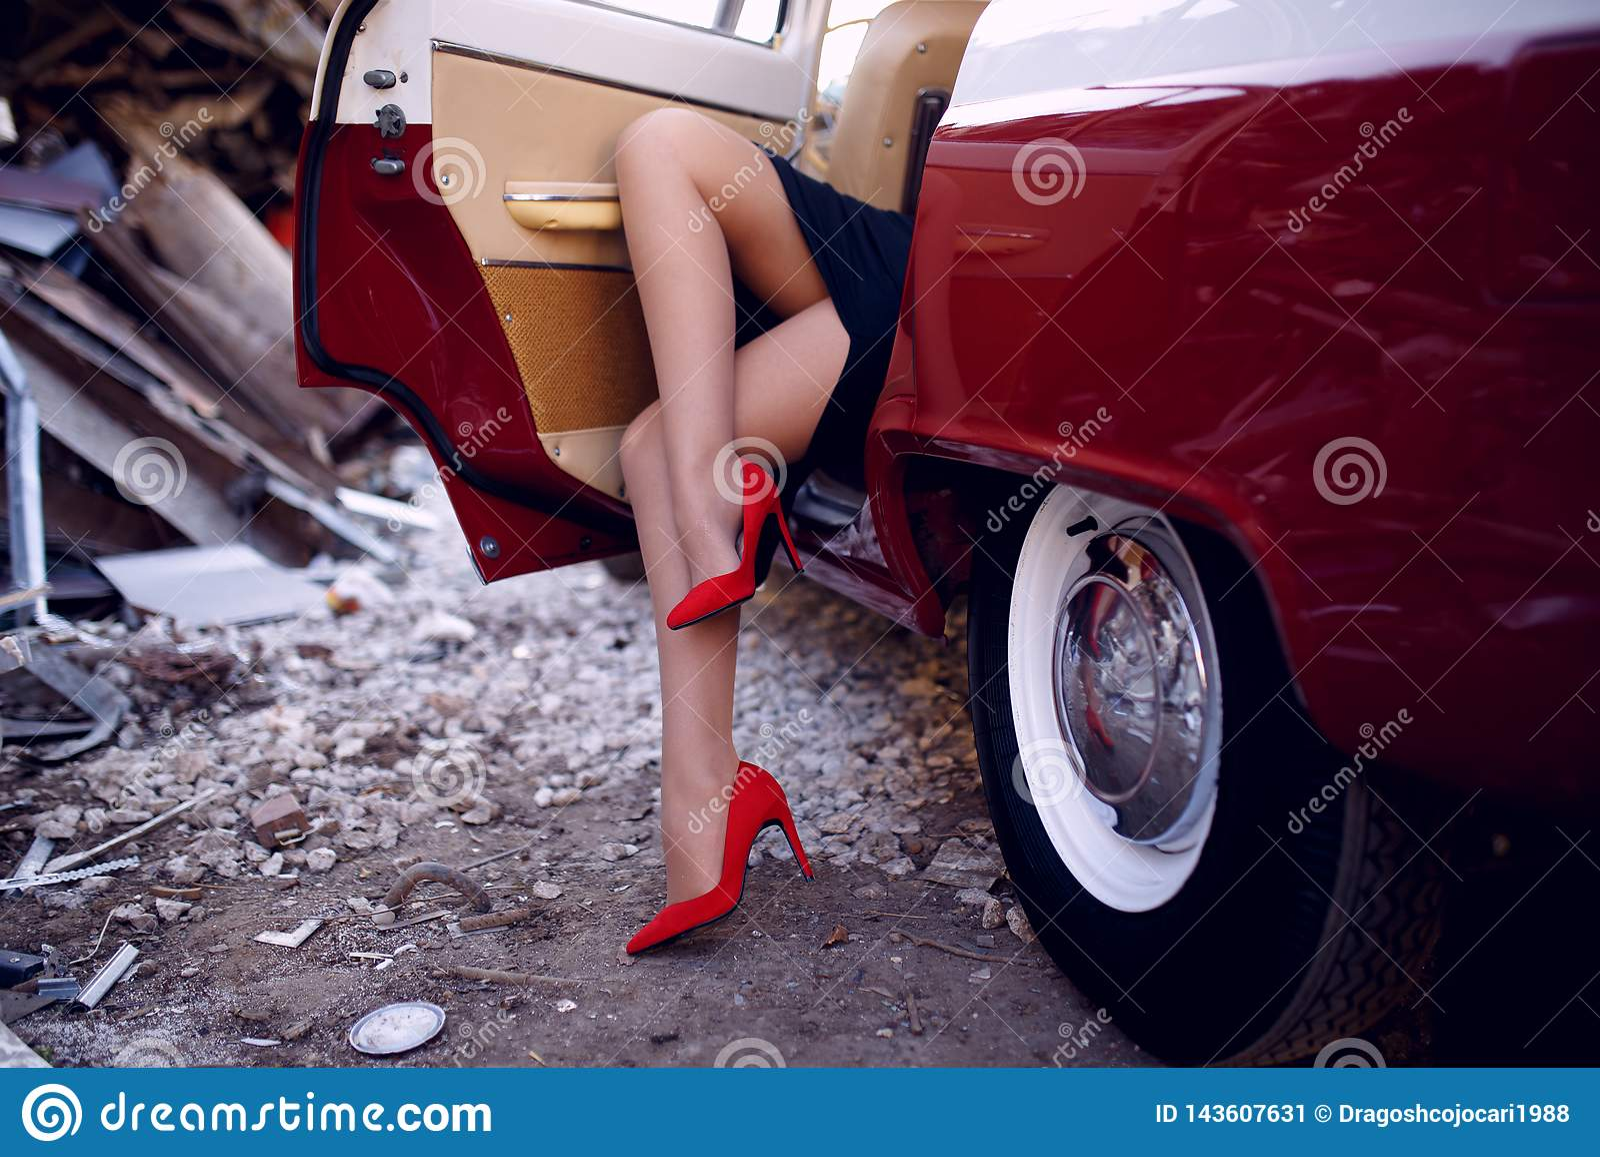 Zakończenie w górę kobiety siedzi wśrodku rocznika czerwonego samochodu na żelaznym usypu tle na iść na piechotę w czerwonych but